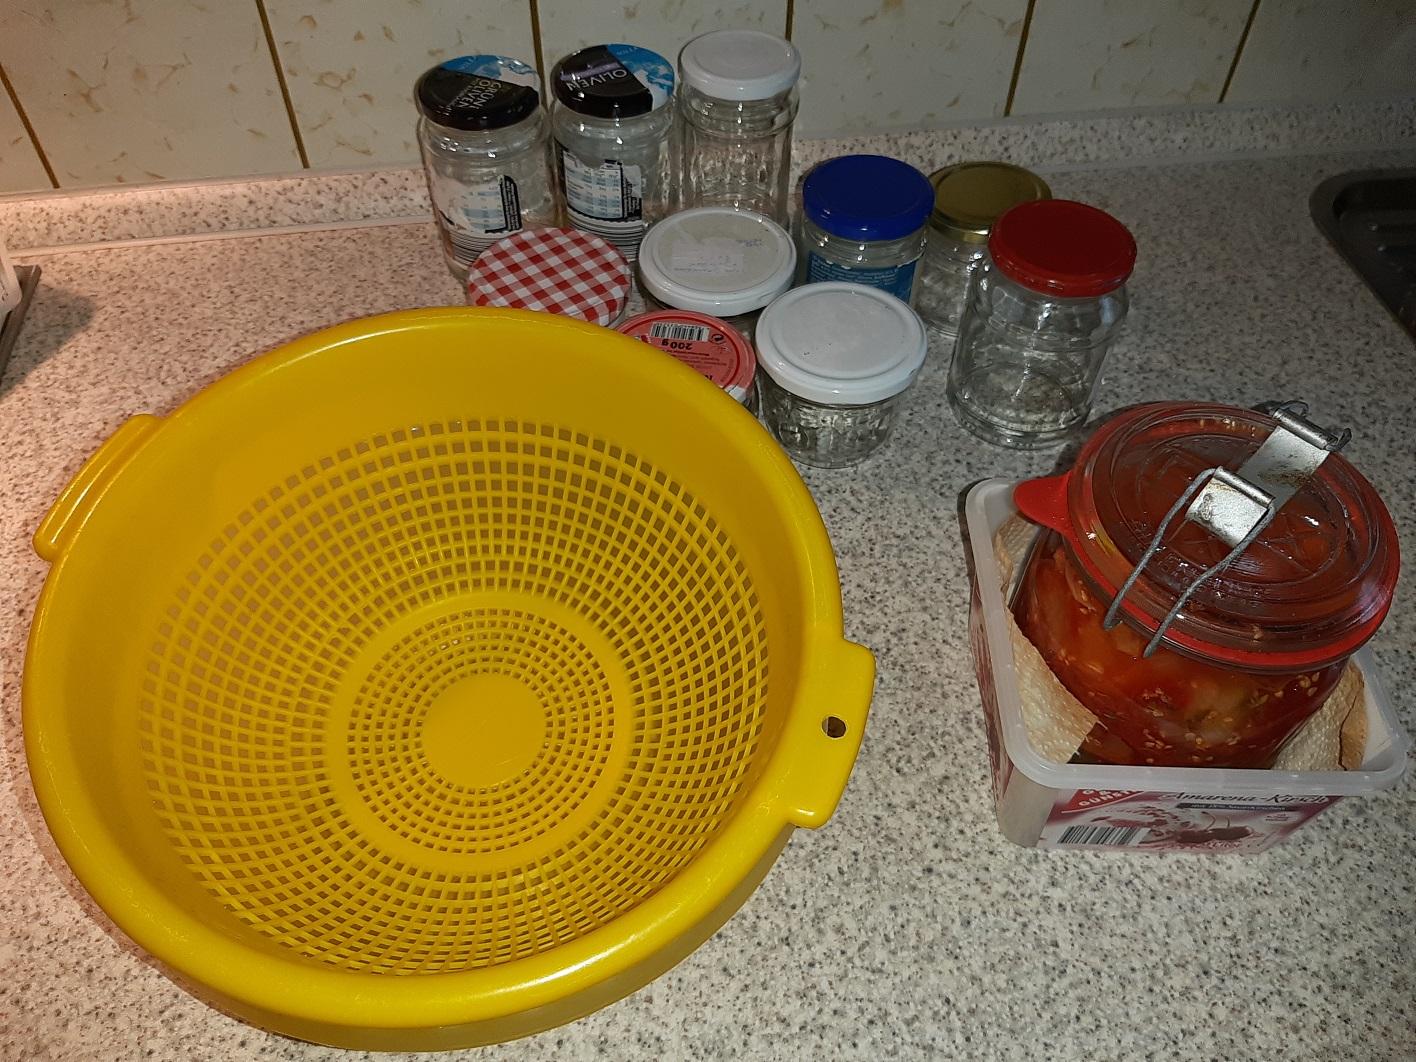 Wir sehen rechts das 6 Wochen lang mit EM fermentierte Tomaten-Zwiebel-Kräutergemisch, das in die gelbe Schüssel zum Abtropfen kommt